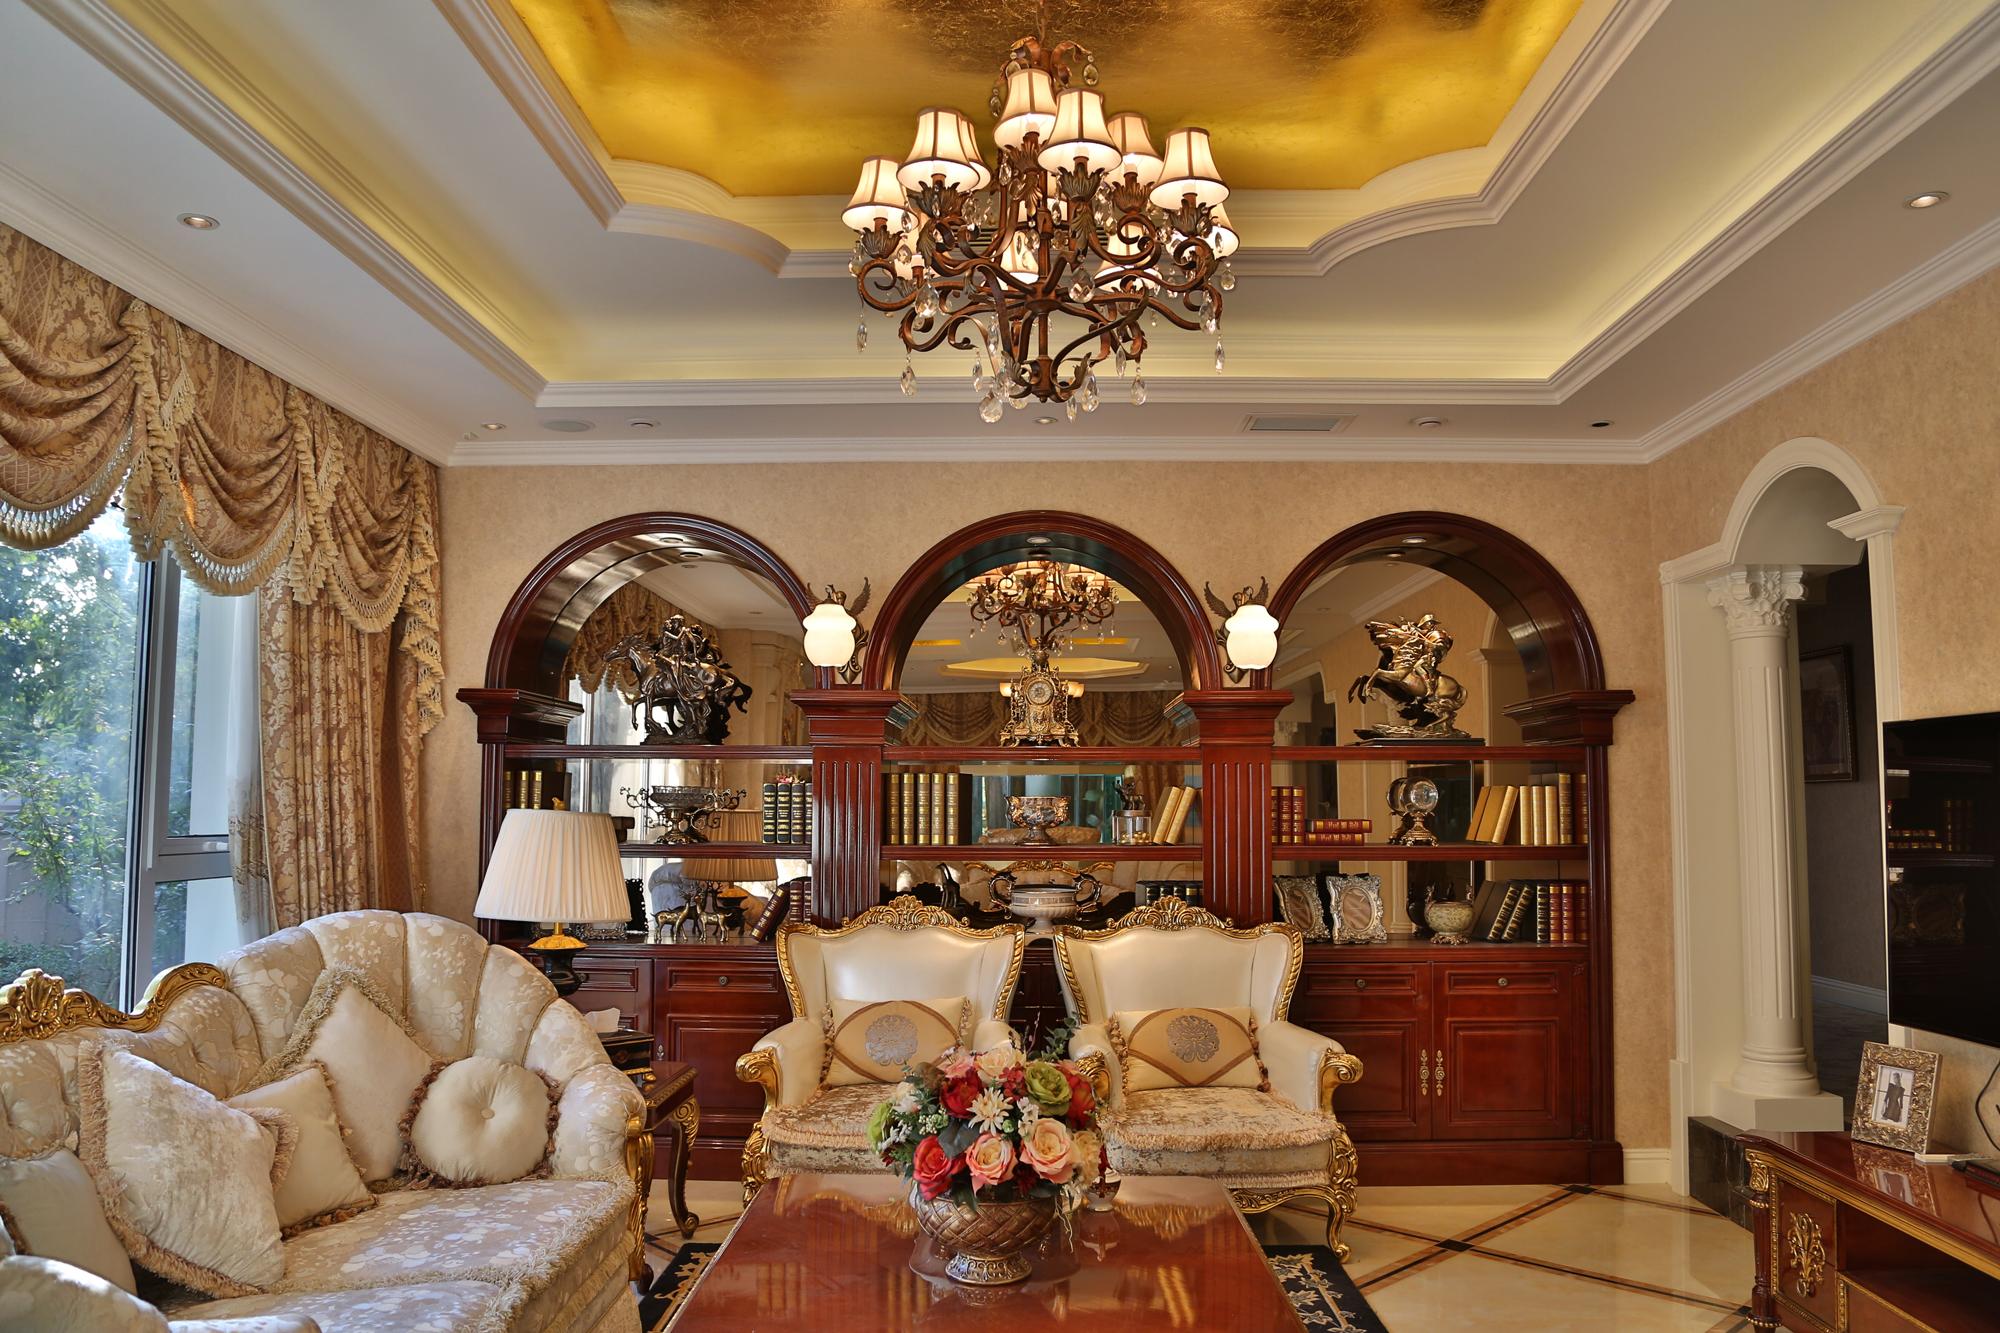 欧式 别墅 收纳 装修设计 客厅图片来自别墅装修风格在龙山新新家园装修设计案例的分享